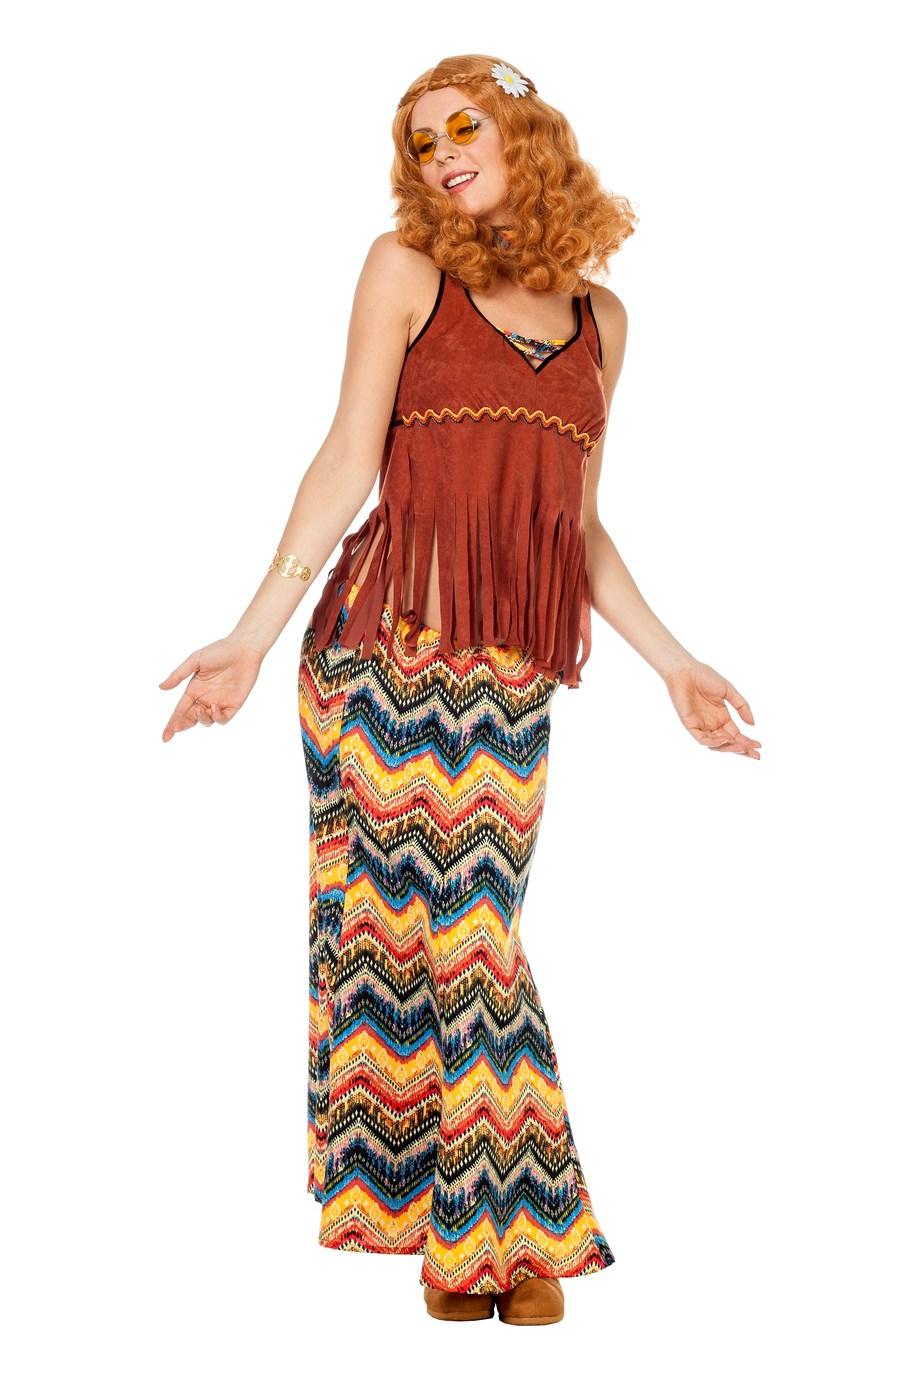 Wilbers Woodstock Hippie Kostum Damen Hippy Gr 56 Scherzwelt